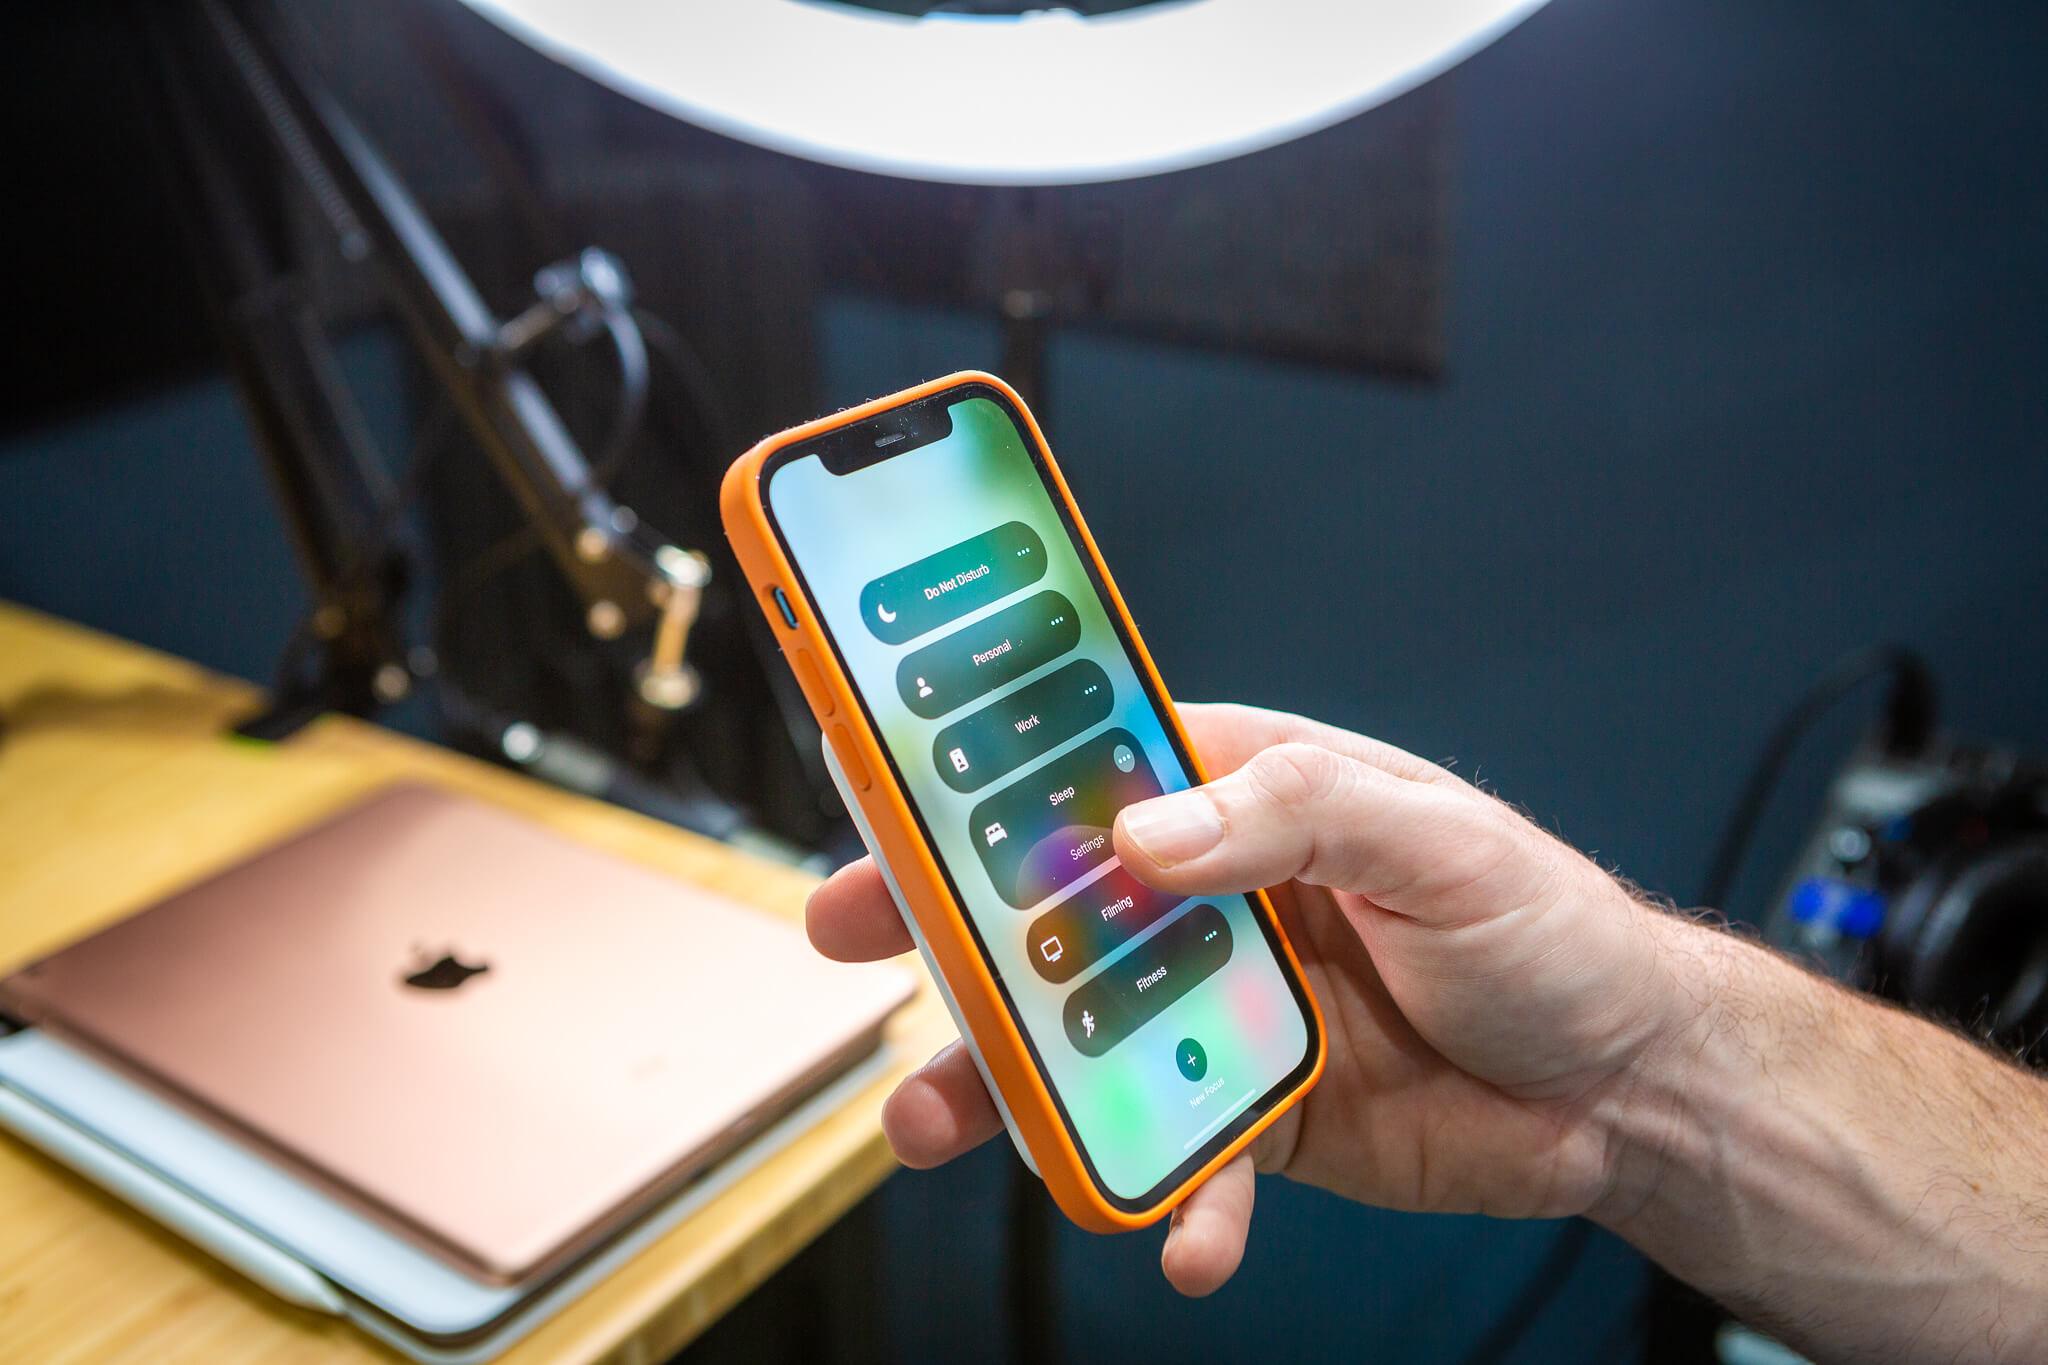 iOS 15 focus modes